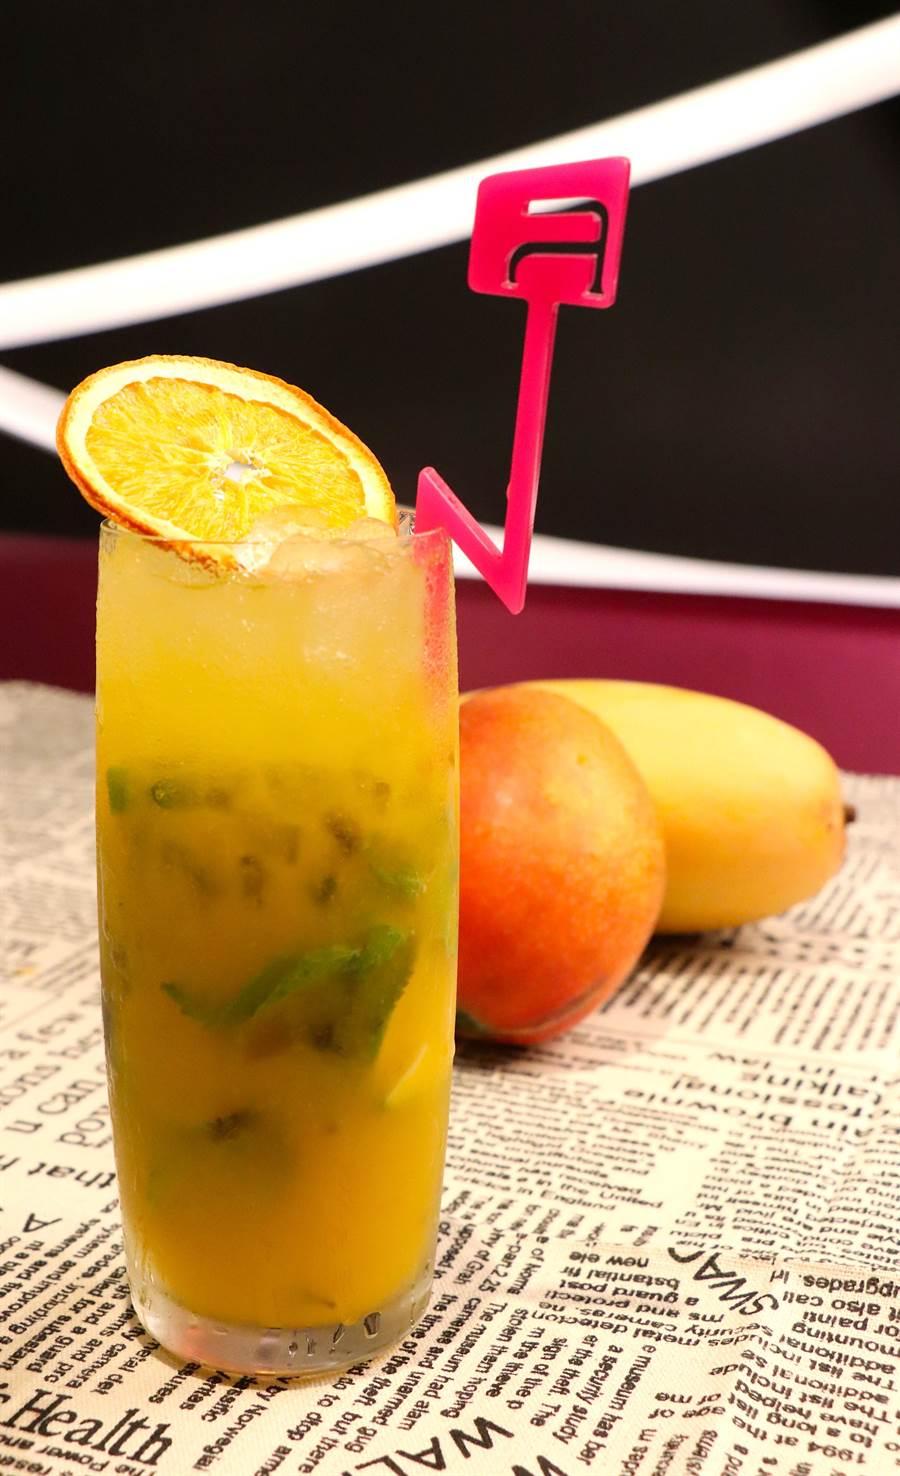 「芒果Mojito」以經典調酒混合酸甜芒果揭開初夏序幕,售價300元+10%/杯。(徐力剛攝)